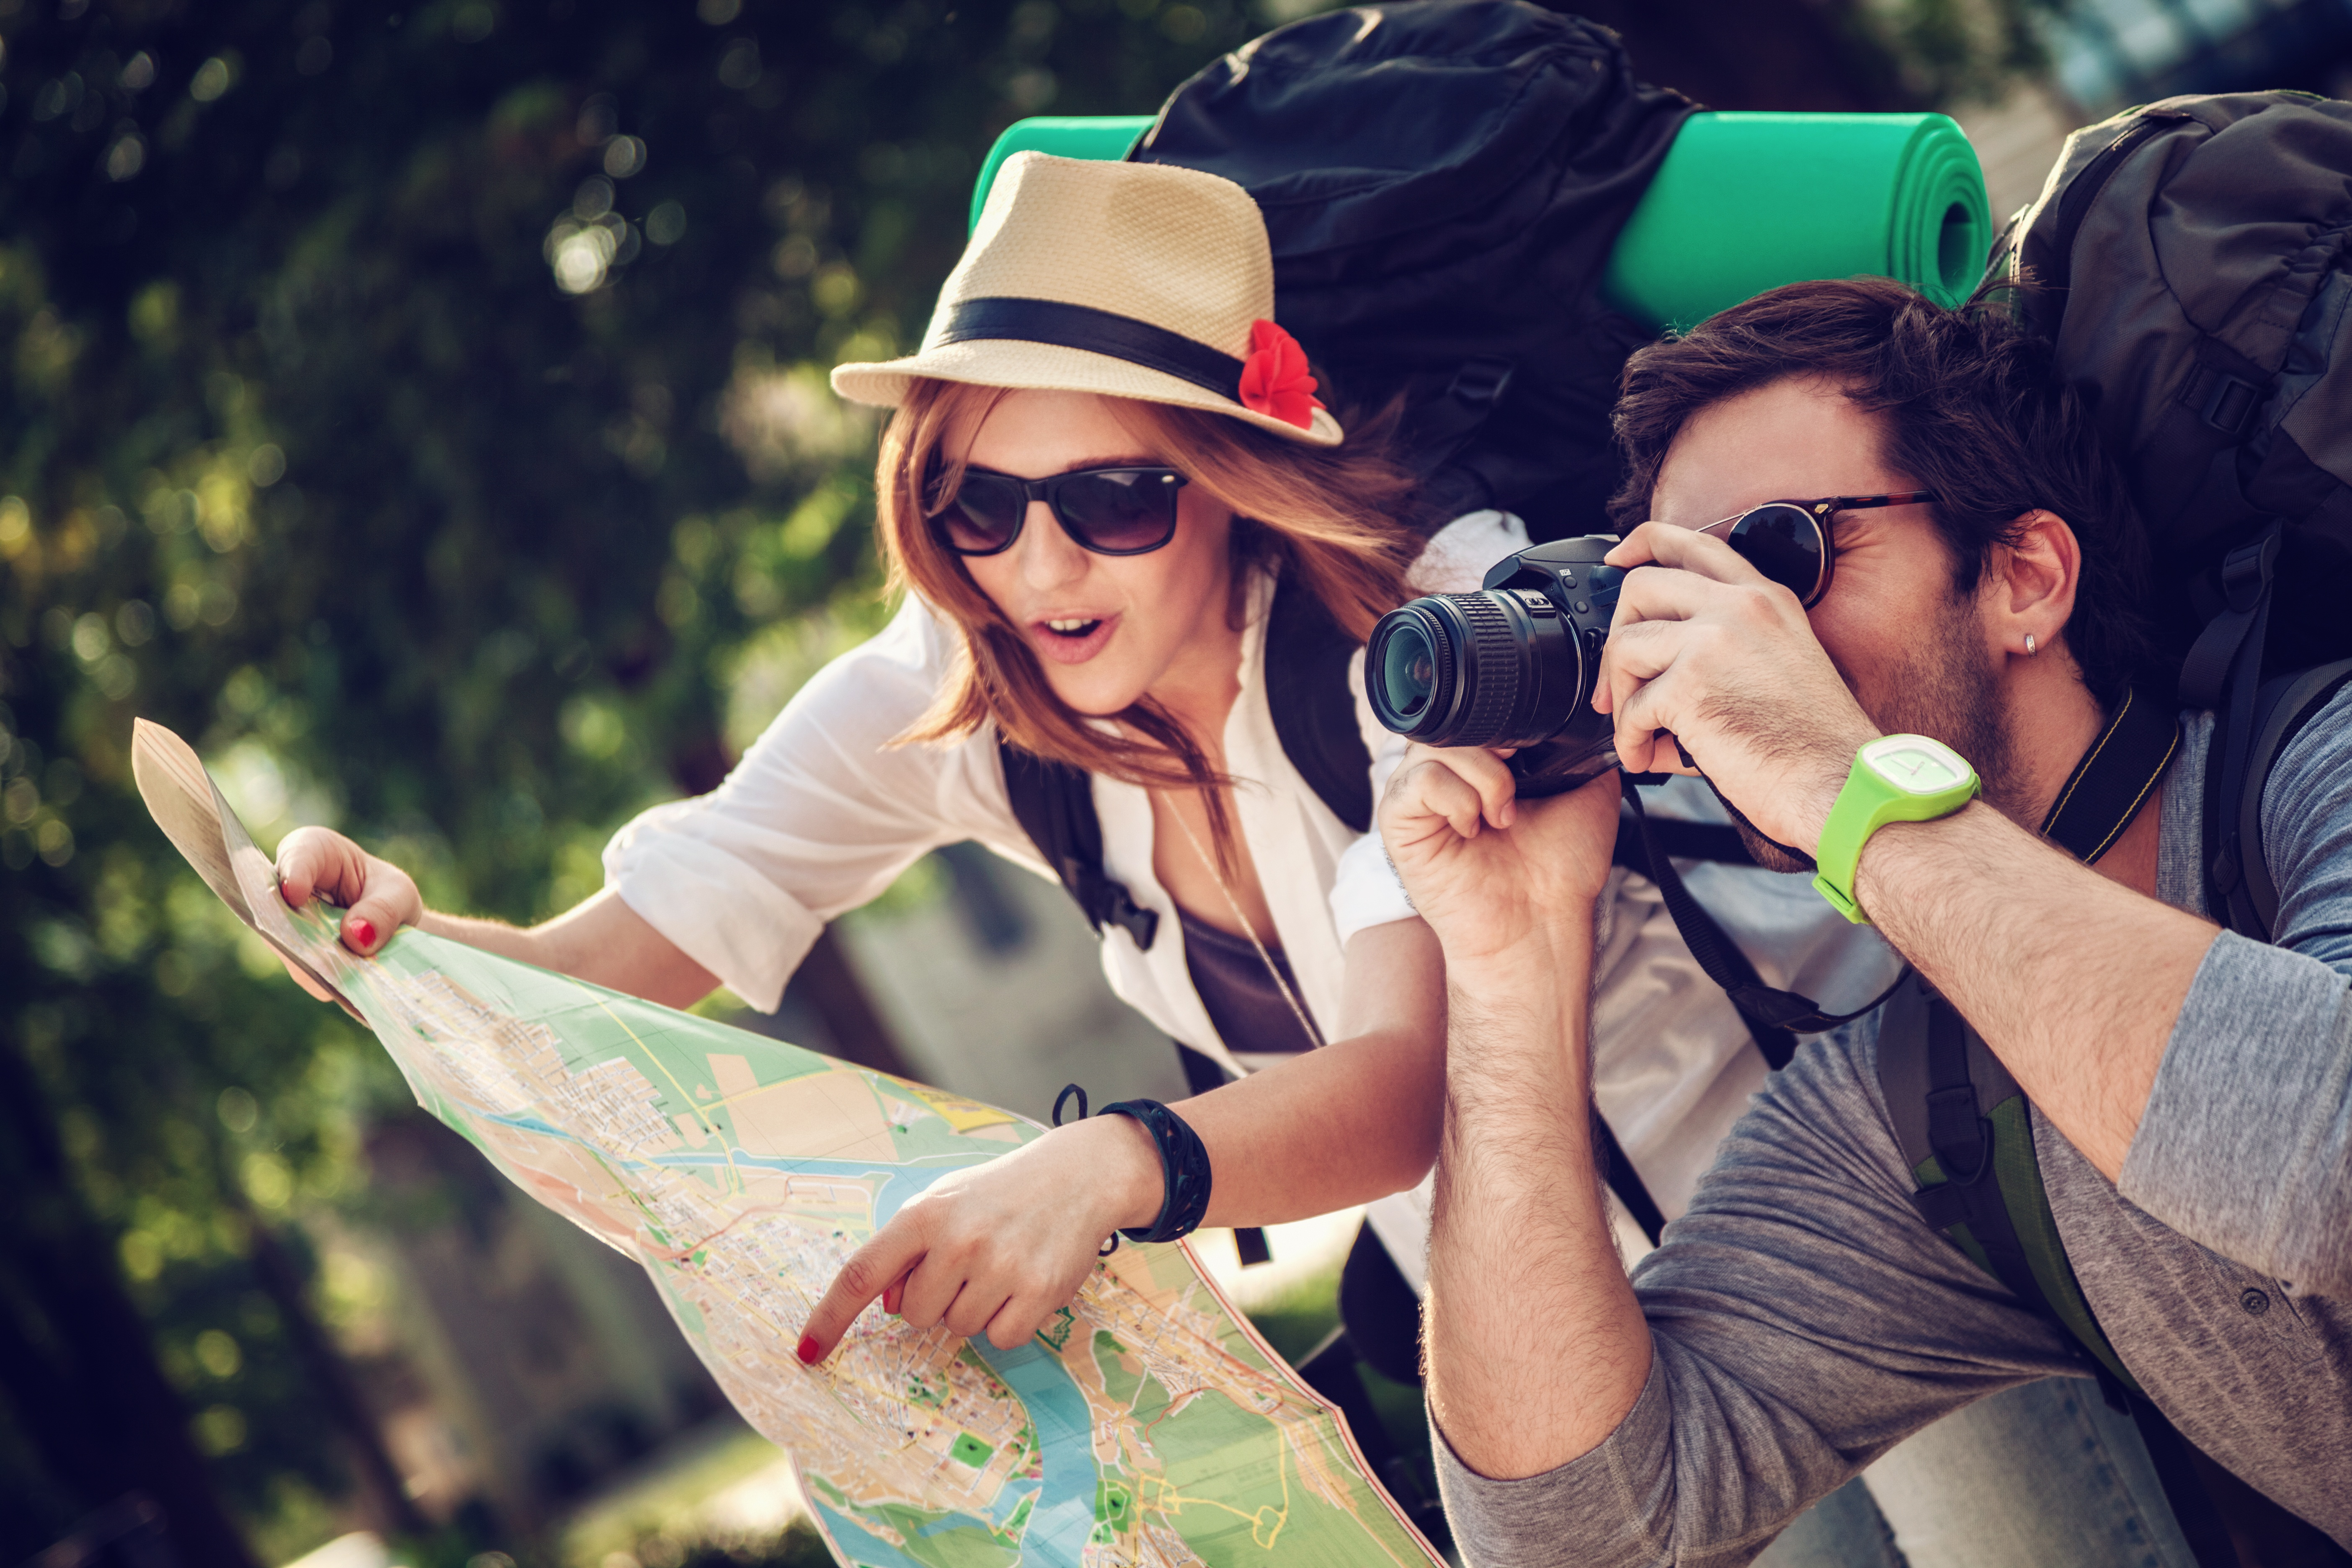 Parole ed espressioni in inglese da usare durante le vacanze - Wall Street English